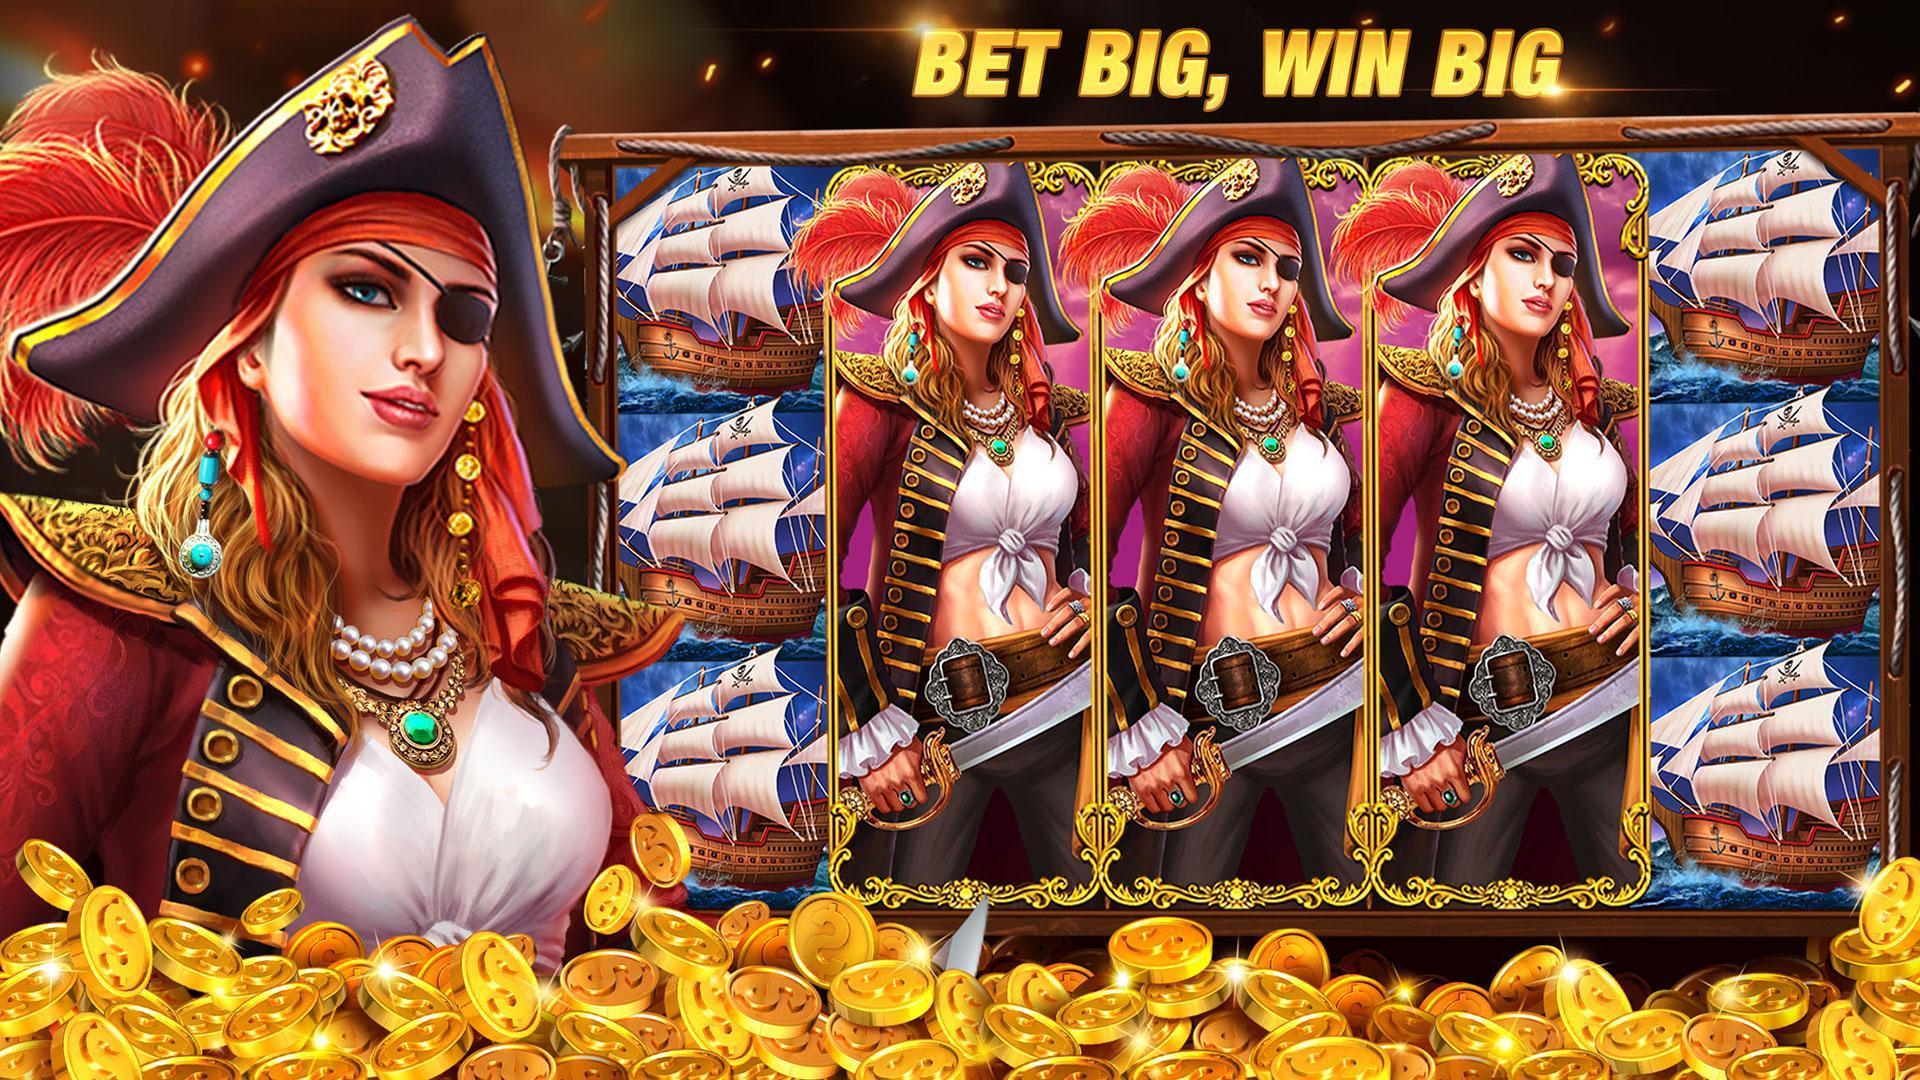 Download Slots Of Vegas